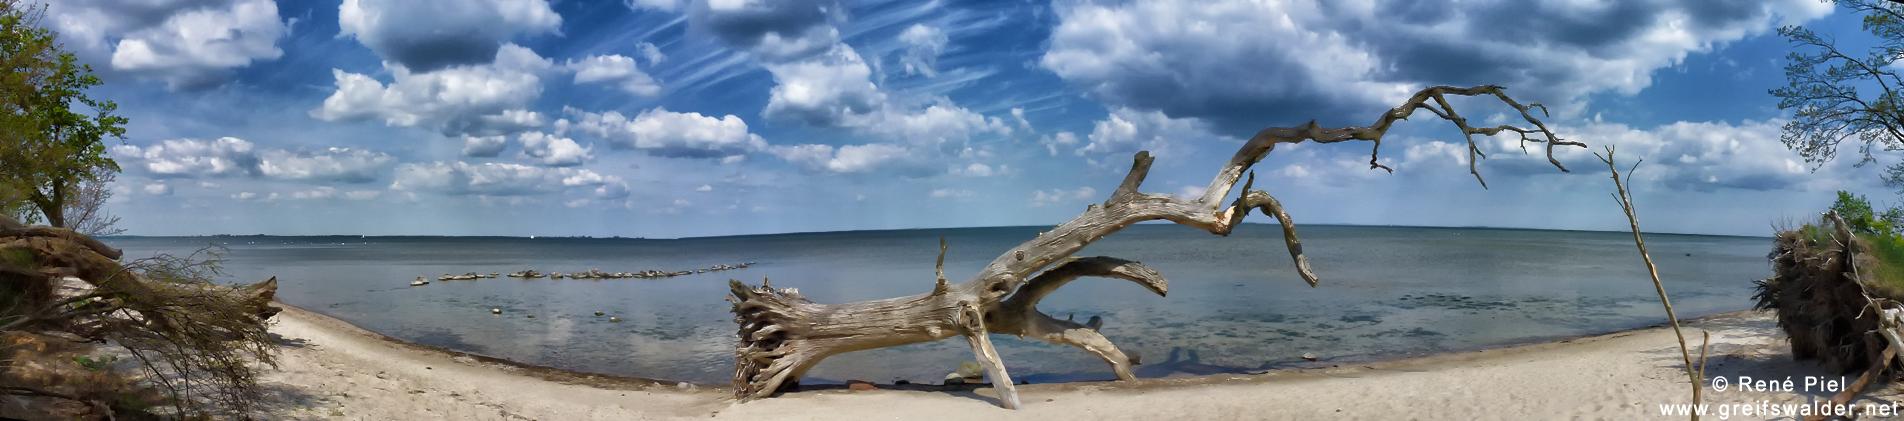 Panorama - Baum am Strand